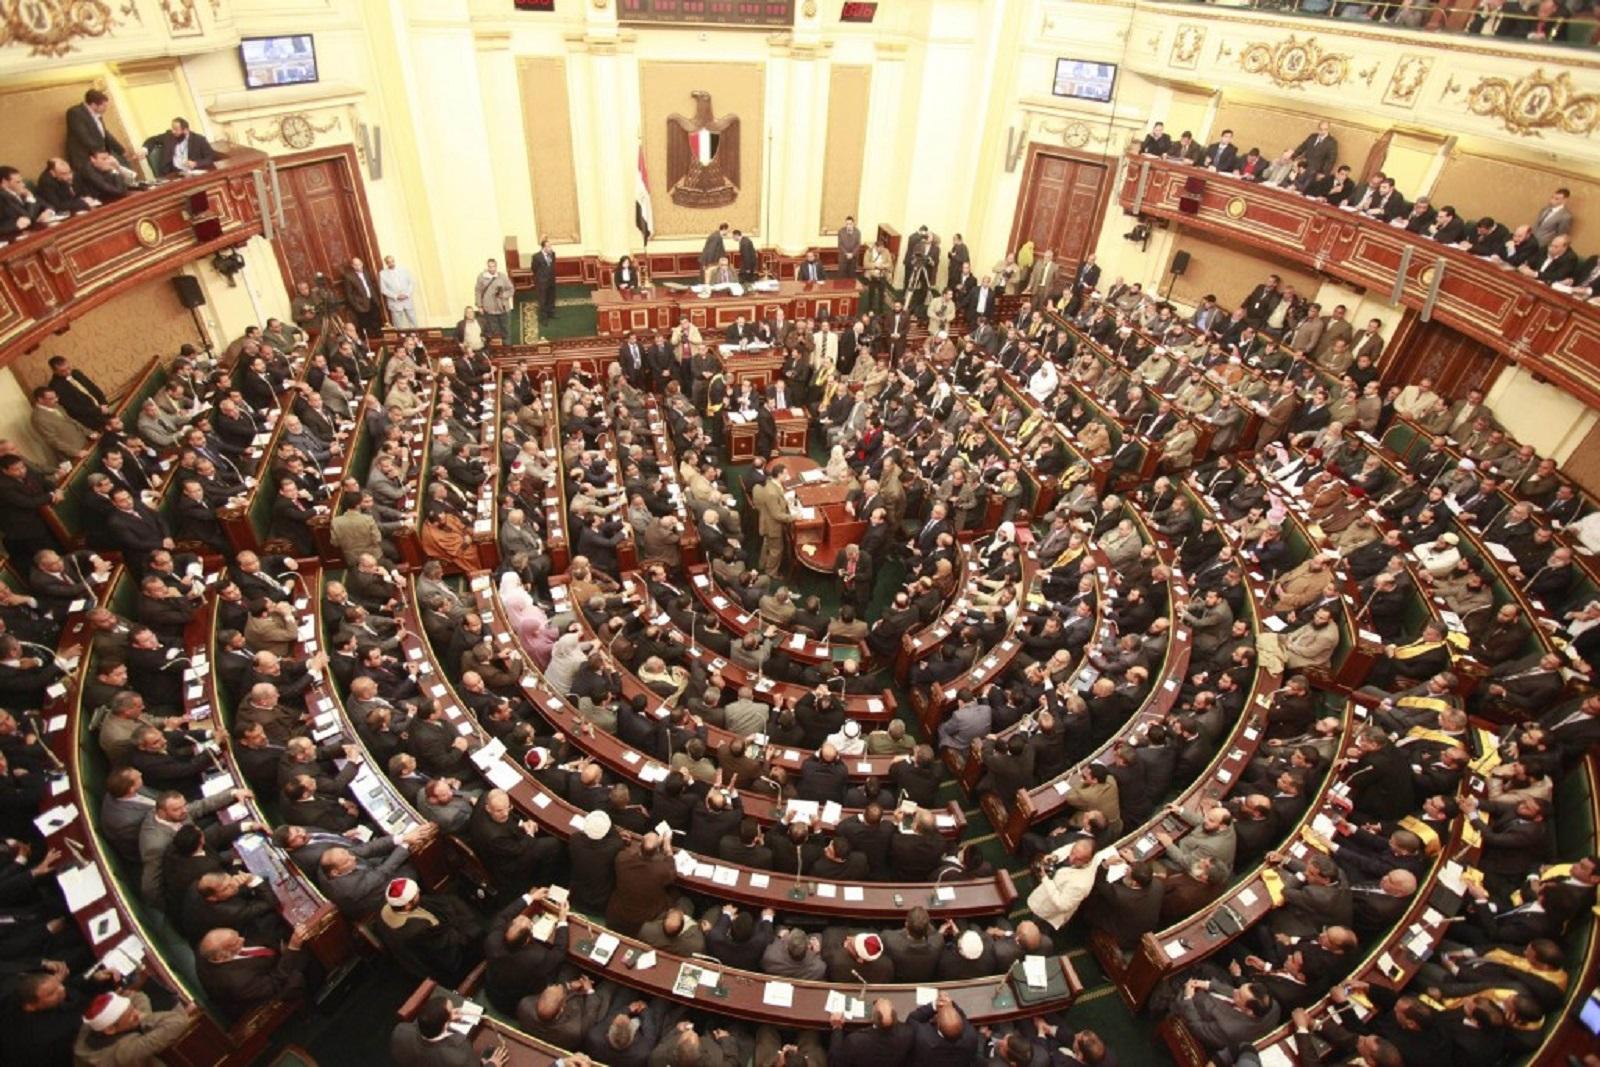 إصلاح الوطن لن يكون بدون التعليم.. برلماني ينتقد سيطرة الأهواء الشخصية في اختيار المعيدين